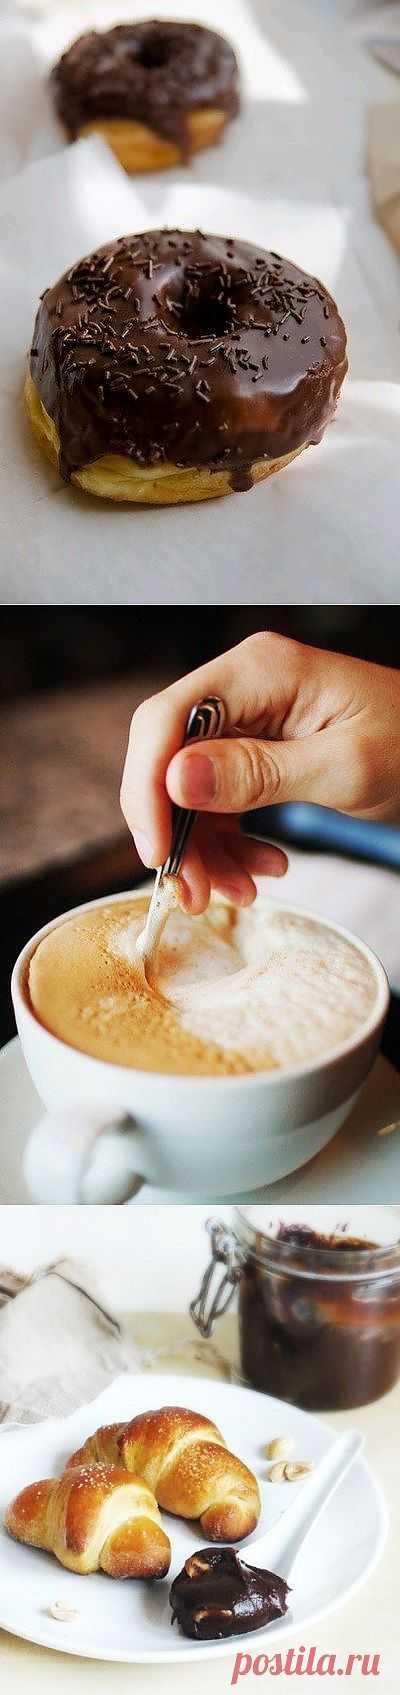 Доброе утро, сладкого дня!